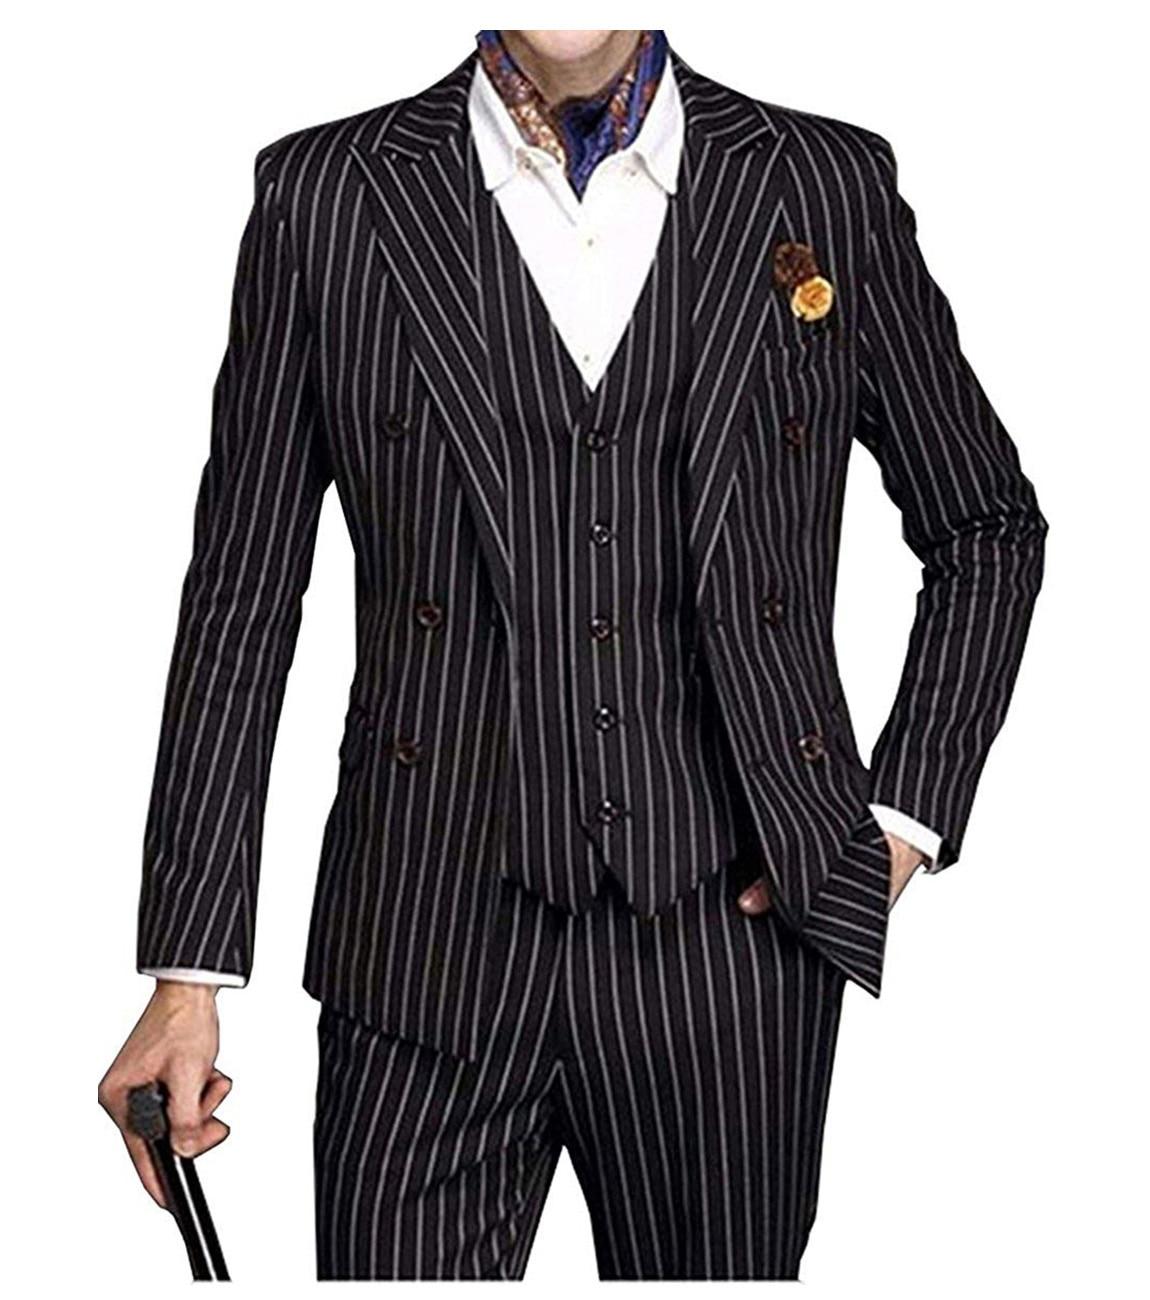 Suits Men 2019 Mens Suit 3 Piece V Neck Pinstripe Wedding Groomman  Notched Lapel Tuxedos (Blazer+Vest+Pants)